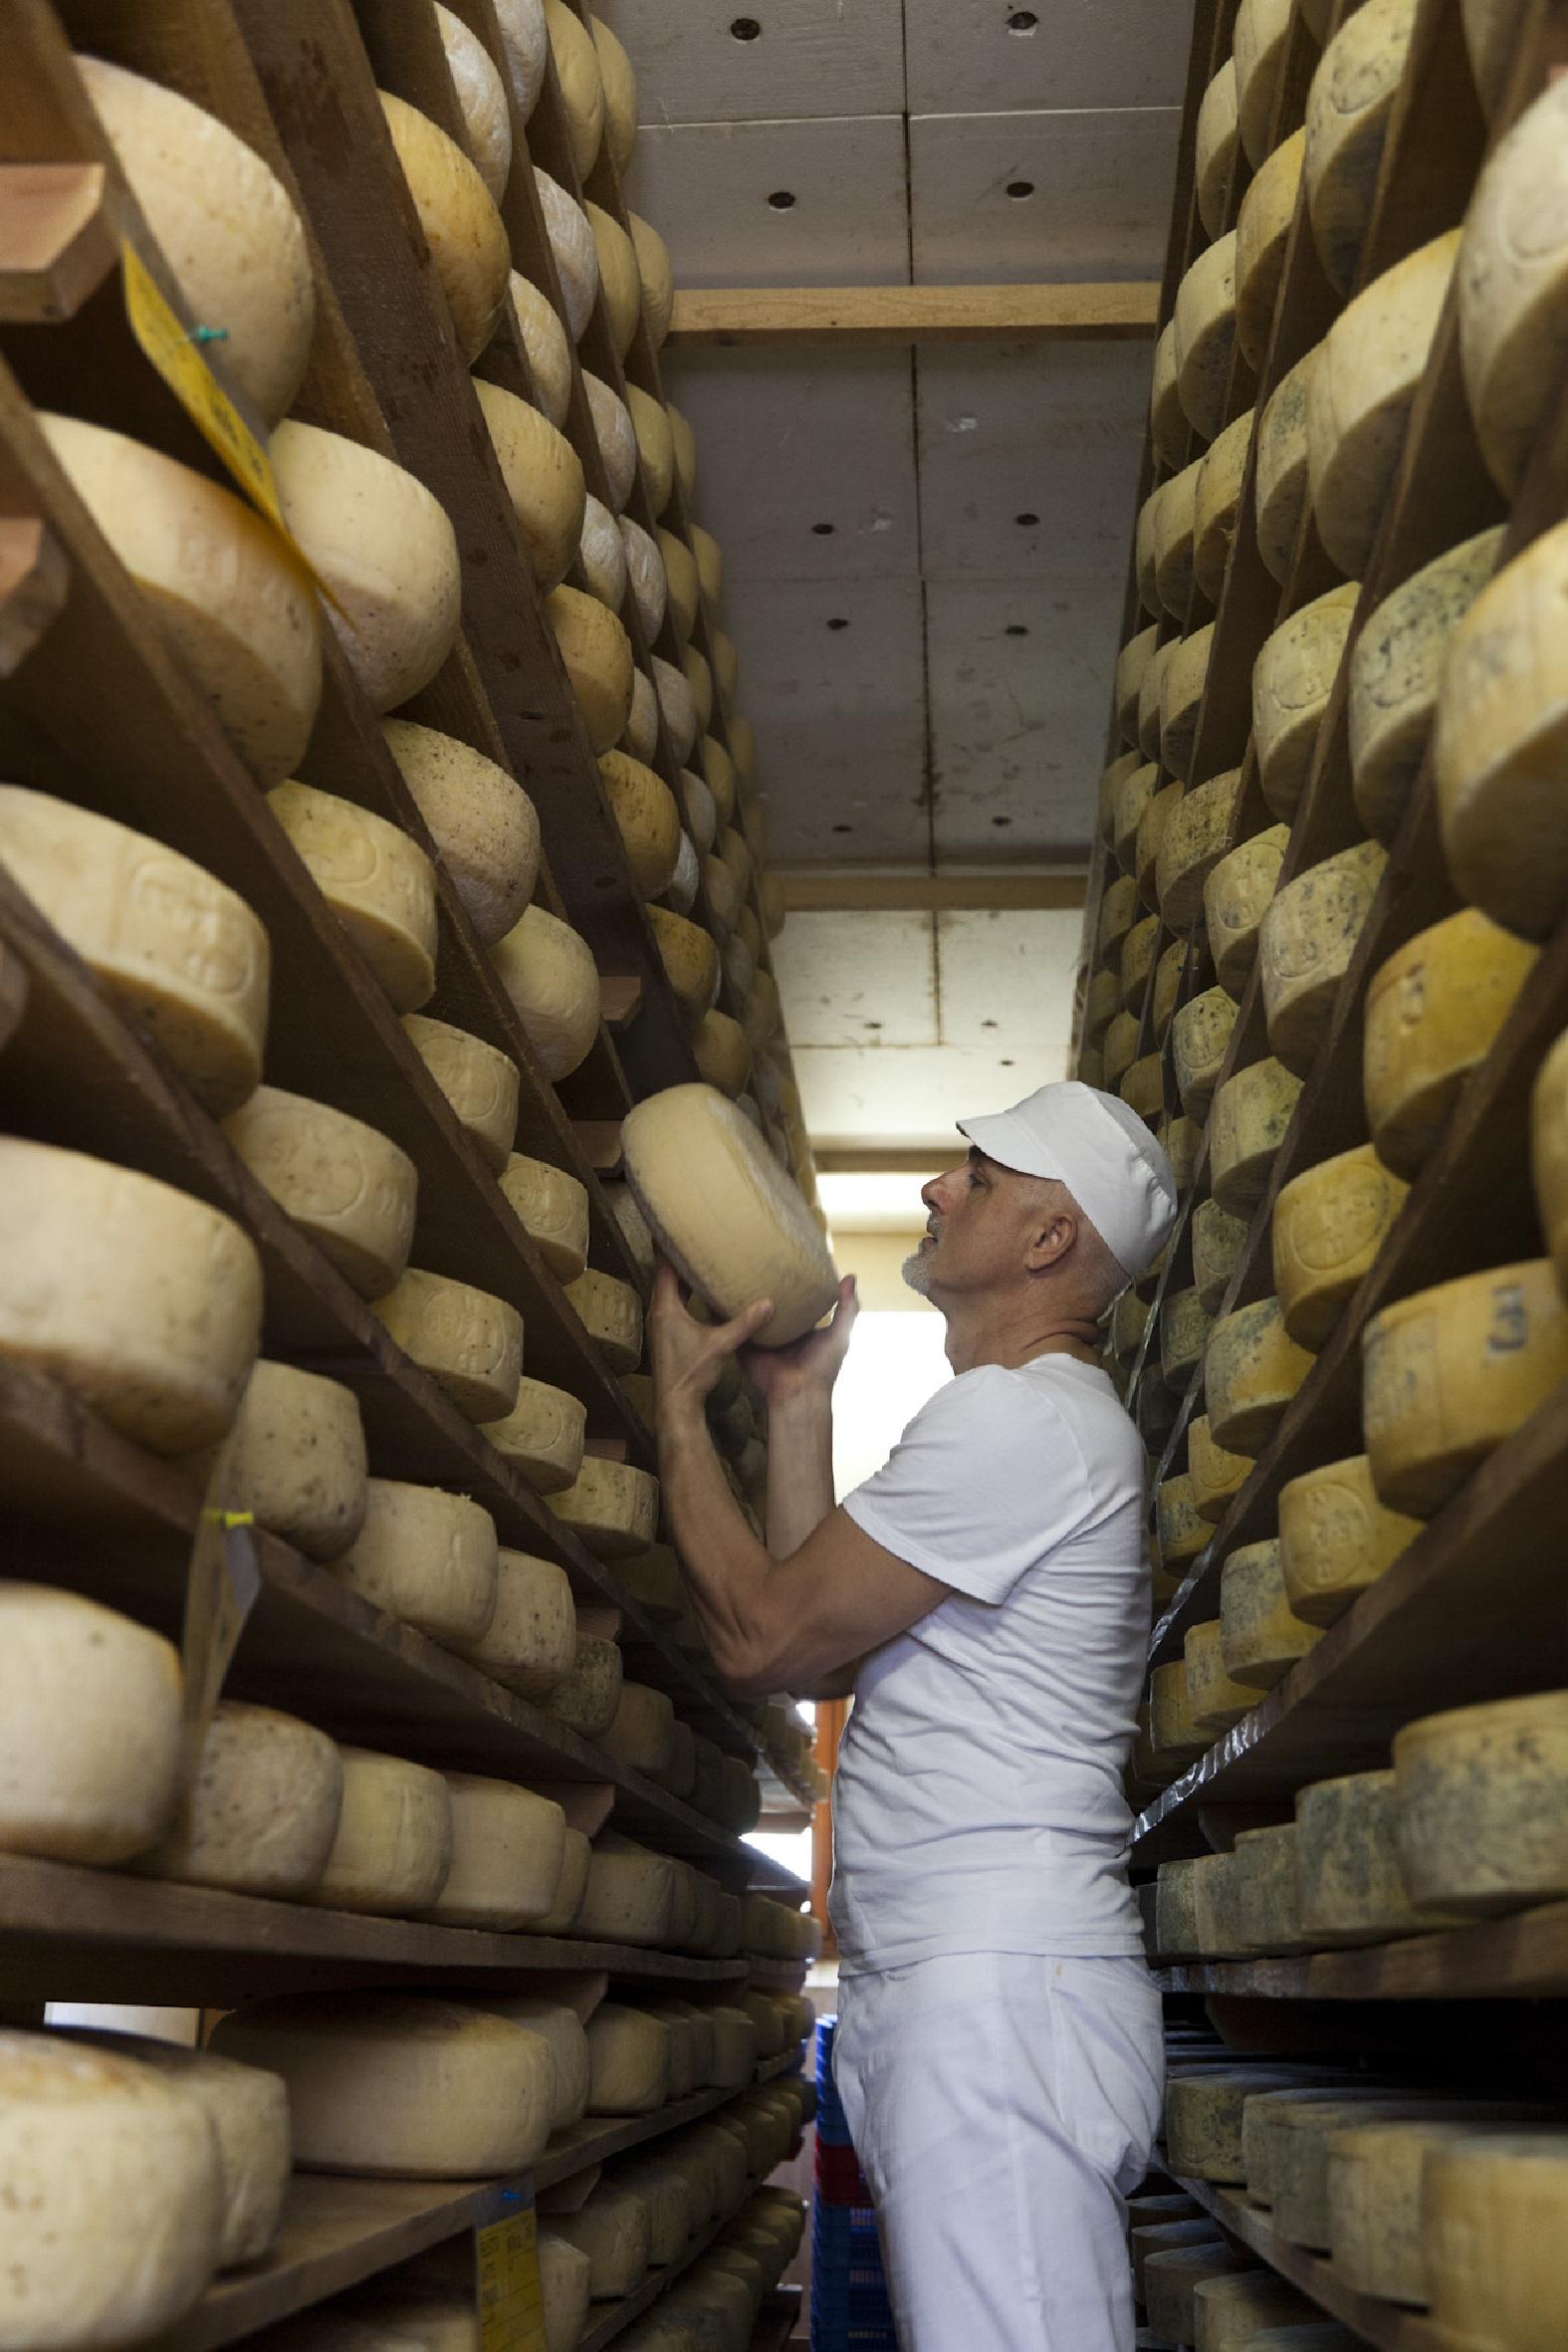 Carlo-Piccoli-nel-locale-stagionatura-formaggi-Latteria-Perenzin